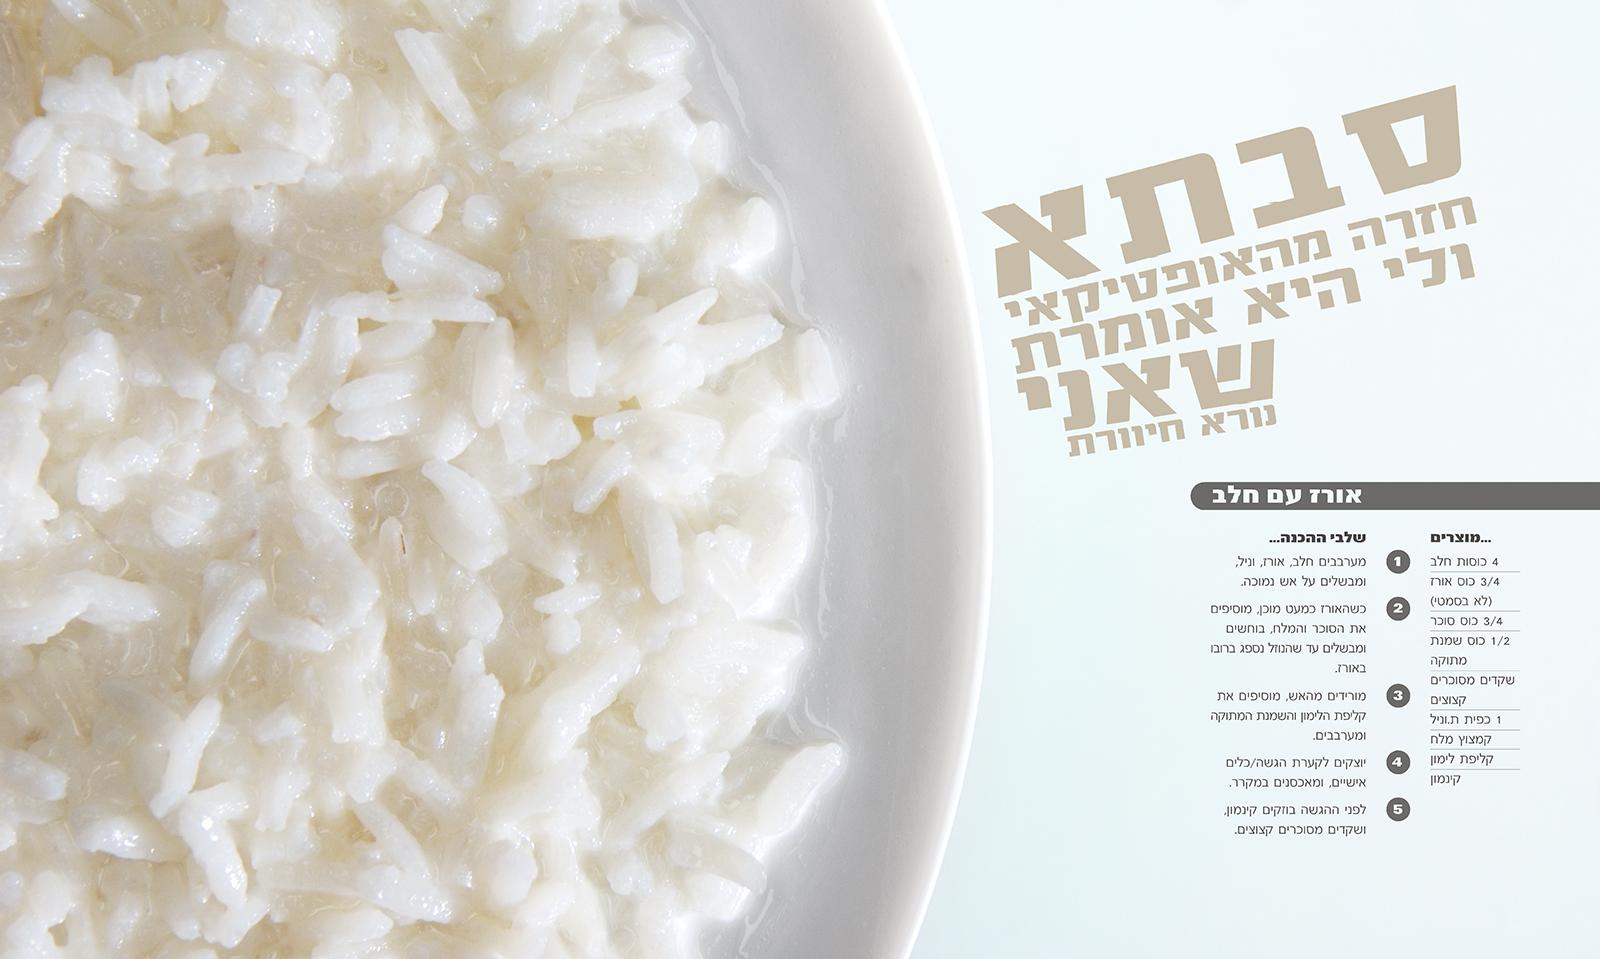 צילום מזון, בועז נובלמן לספר המתכונים נשים לנשים